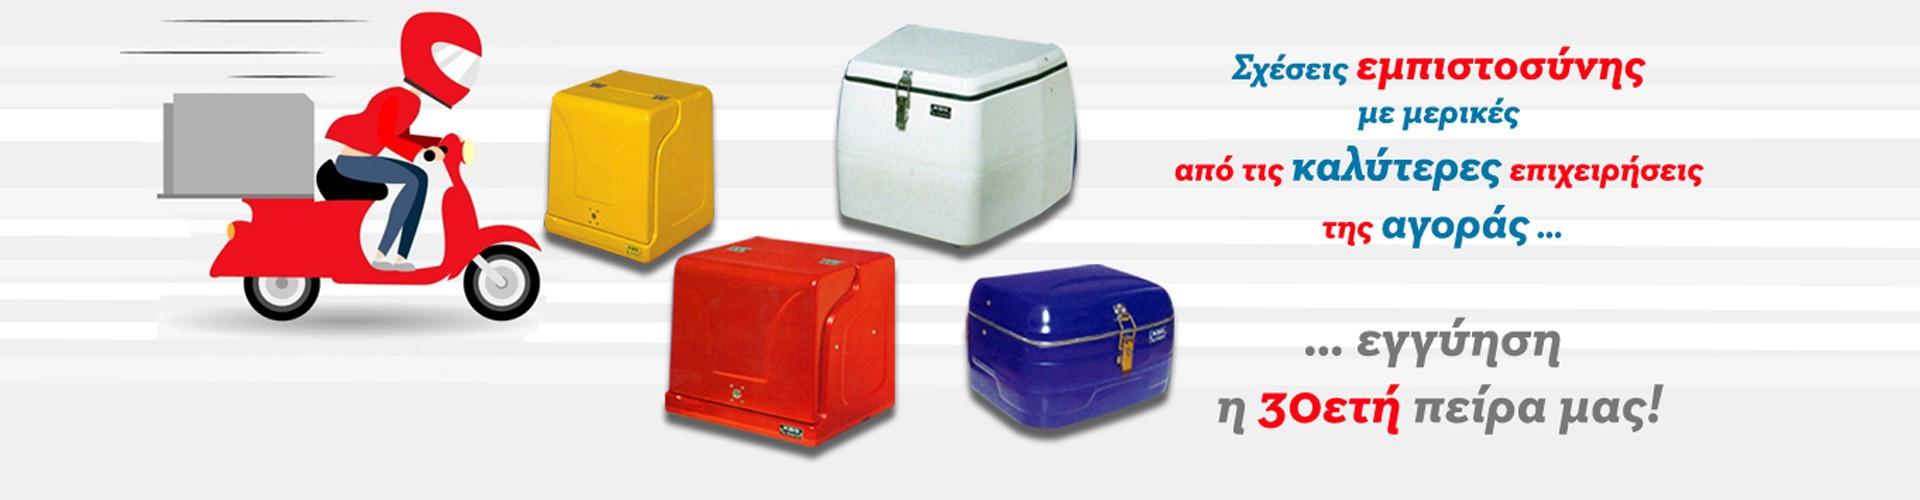 Κουτιά Διανομής Ταχυδρομείου   K.B.S. Delivery